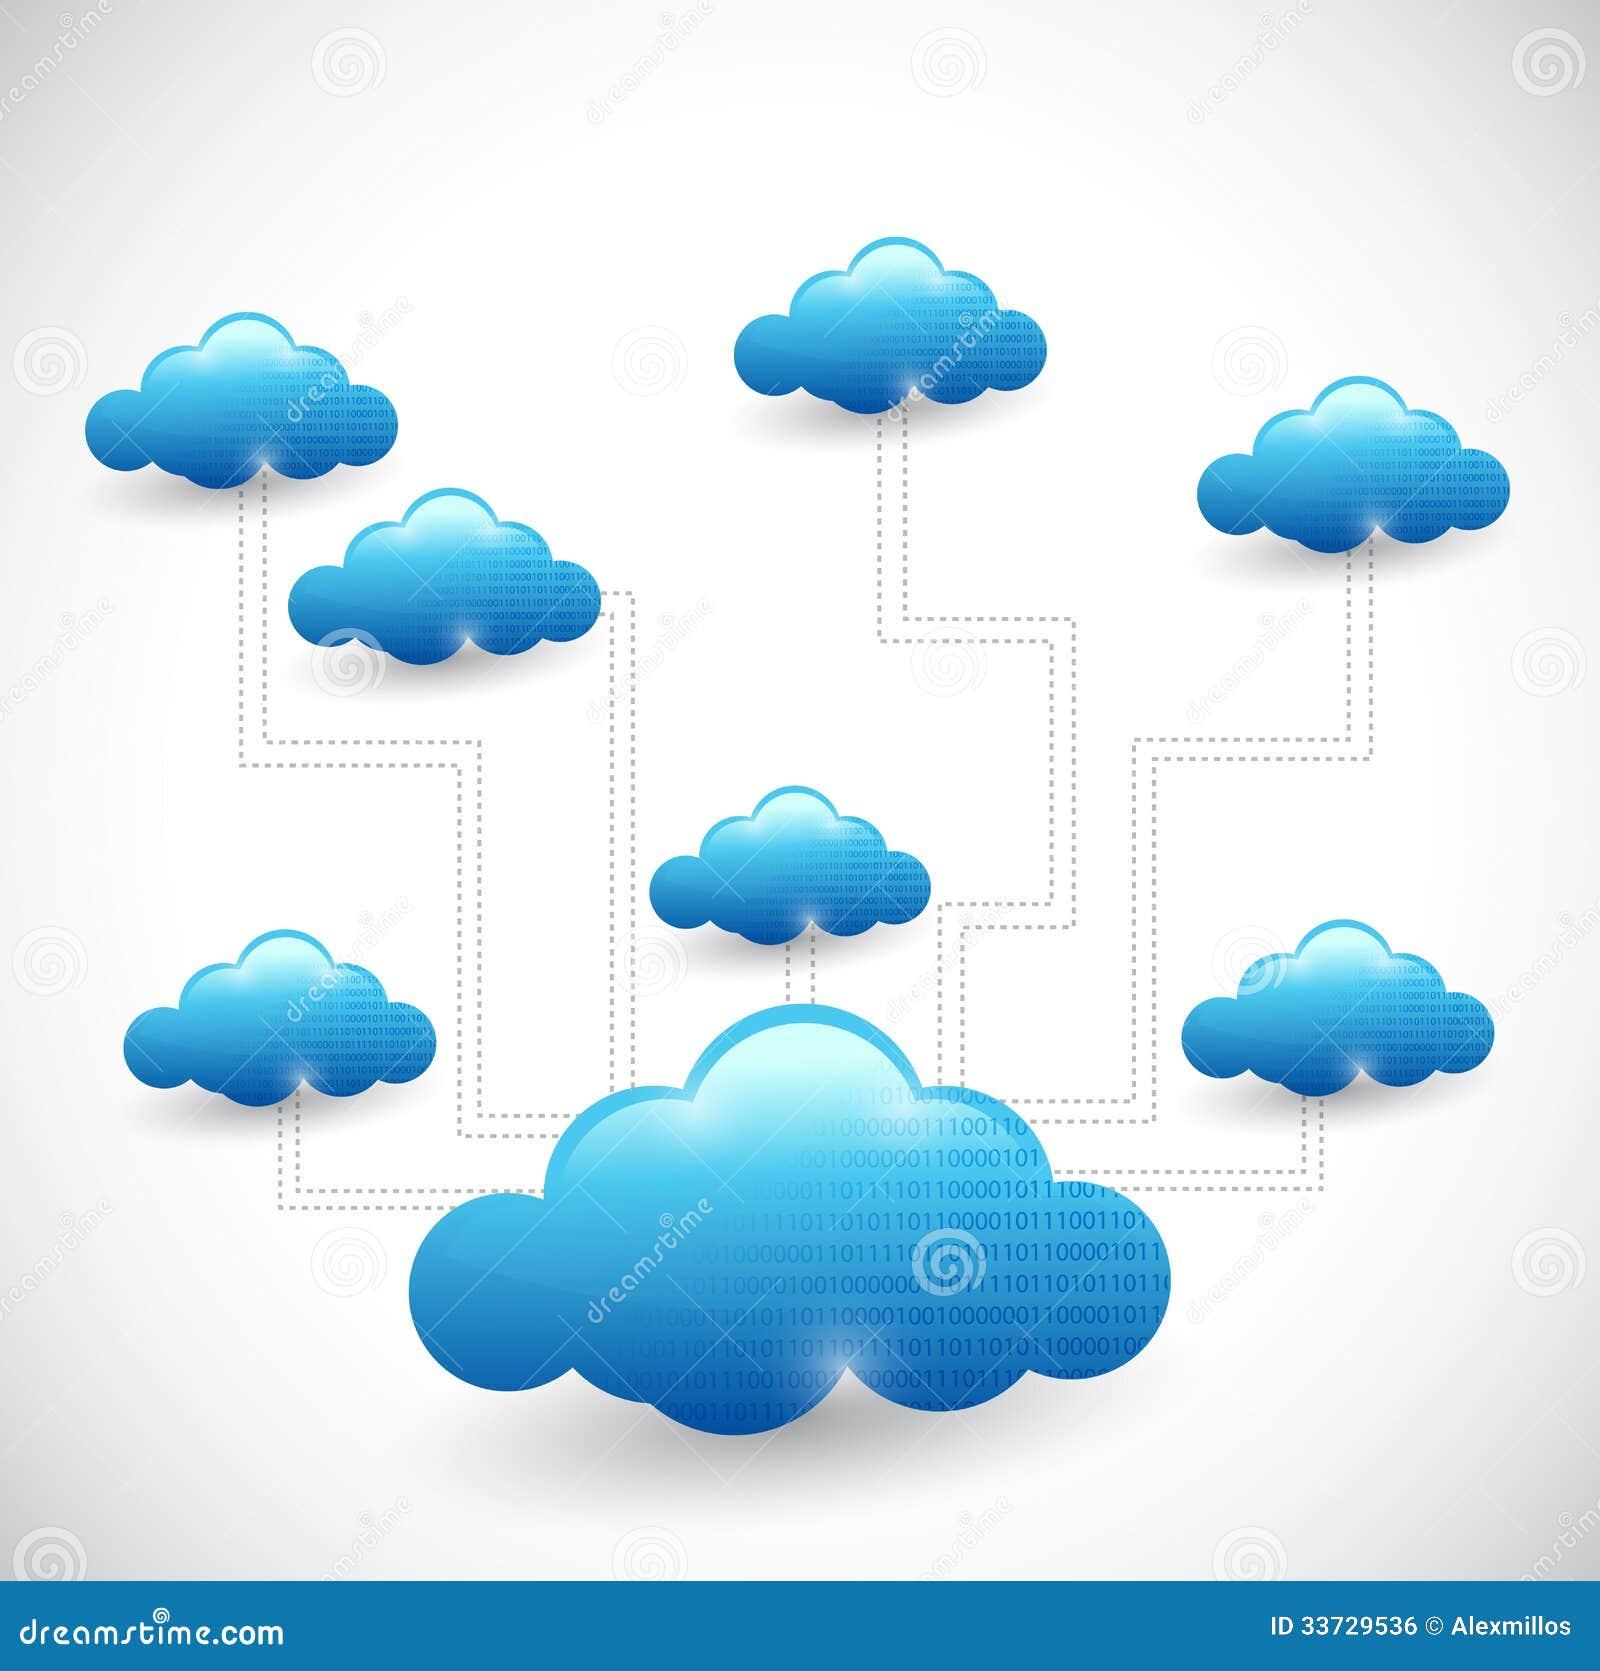 Иллюстрация сетевого графика вычислительной цепи облака